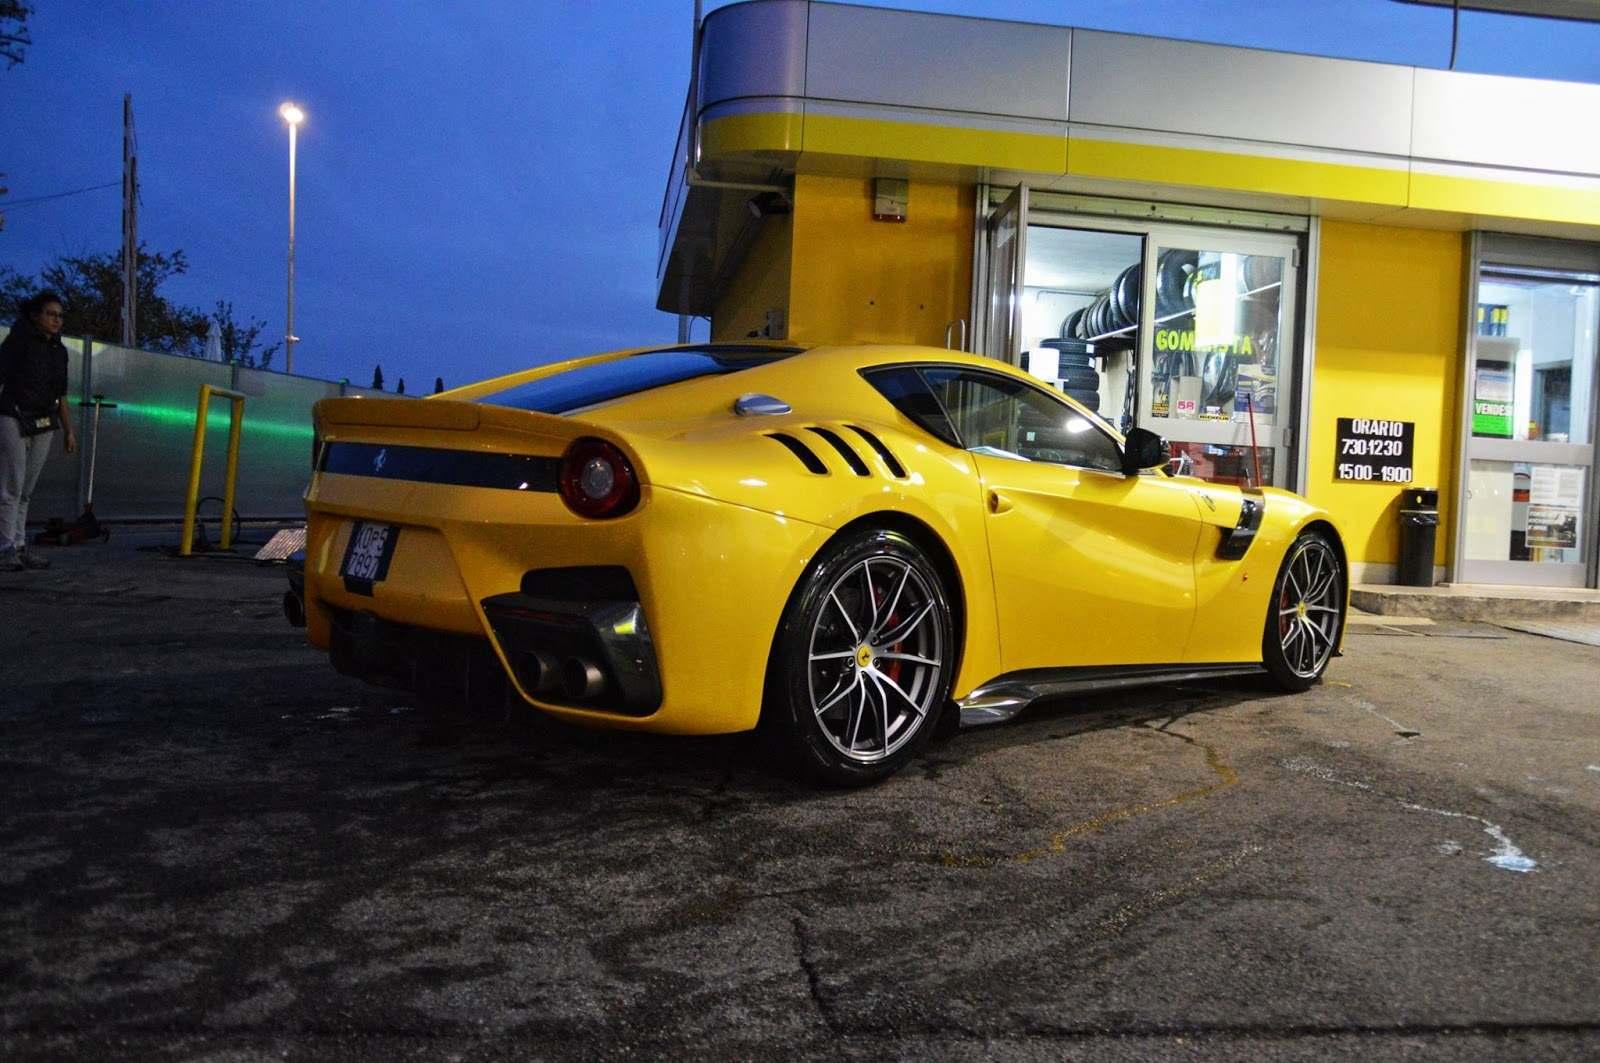 Ferrari F12tdf gas station 1